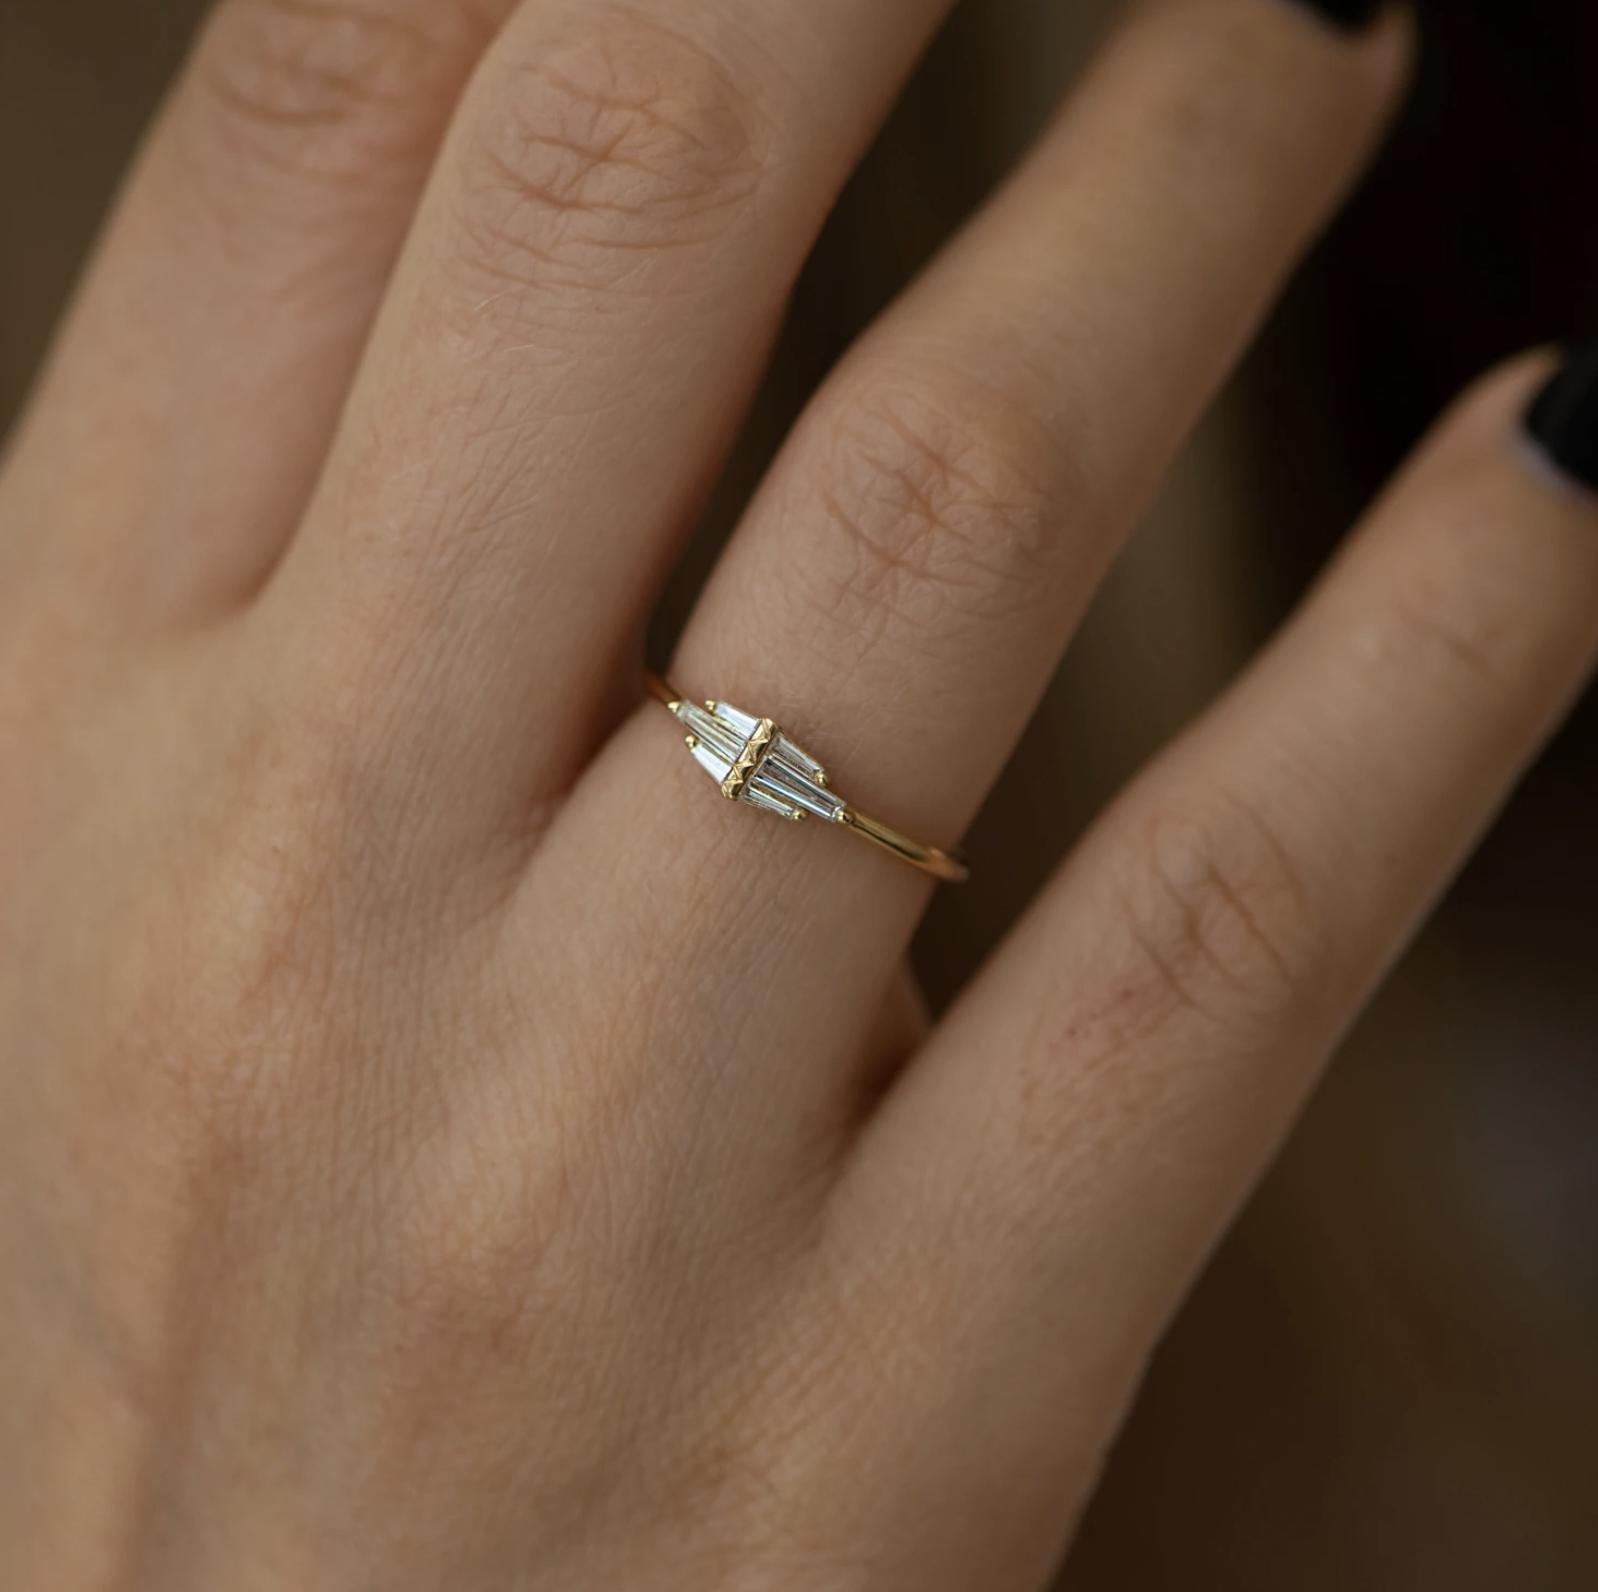 Artëmer Delicate Winged Cluster Diamond Ring